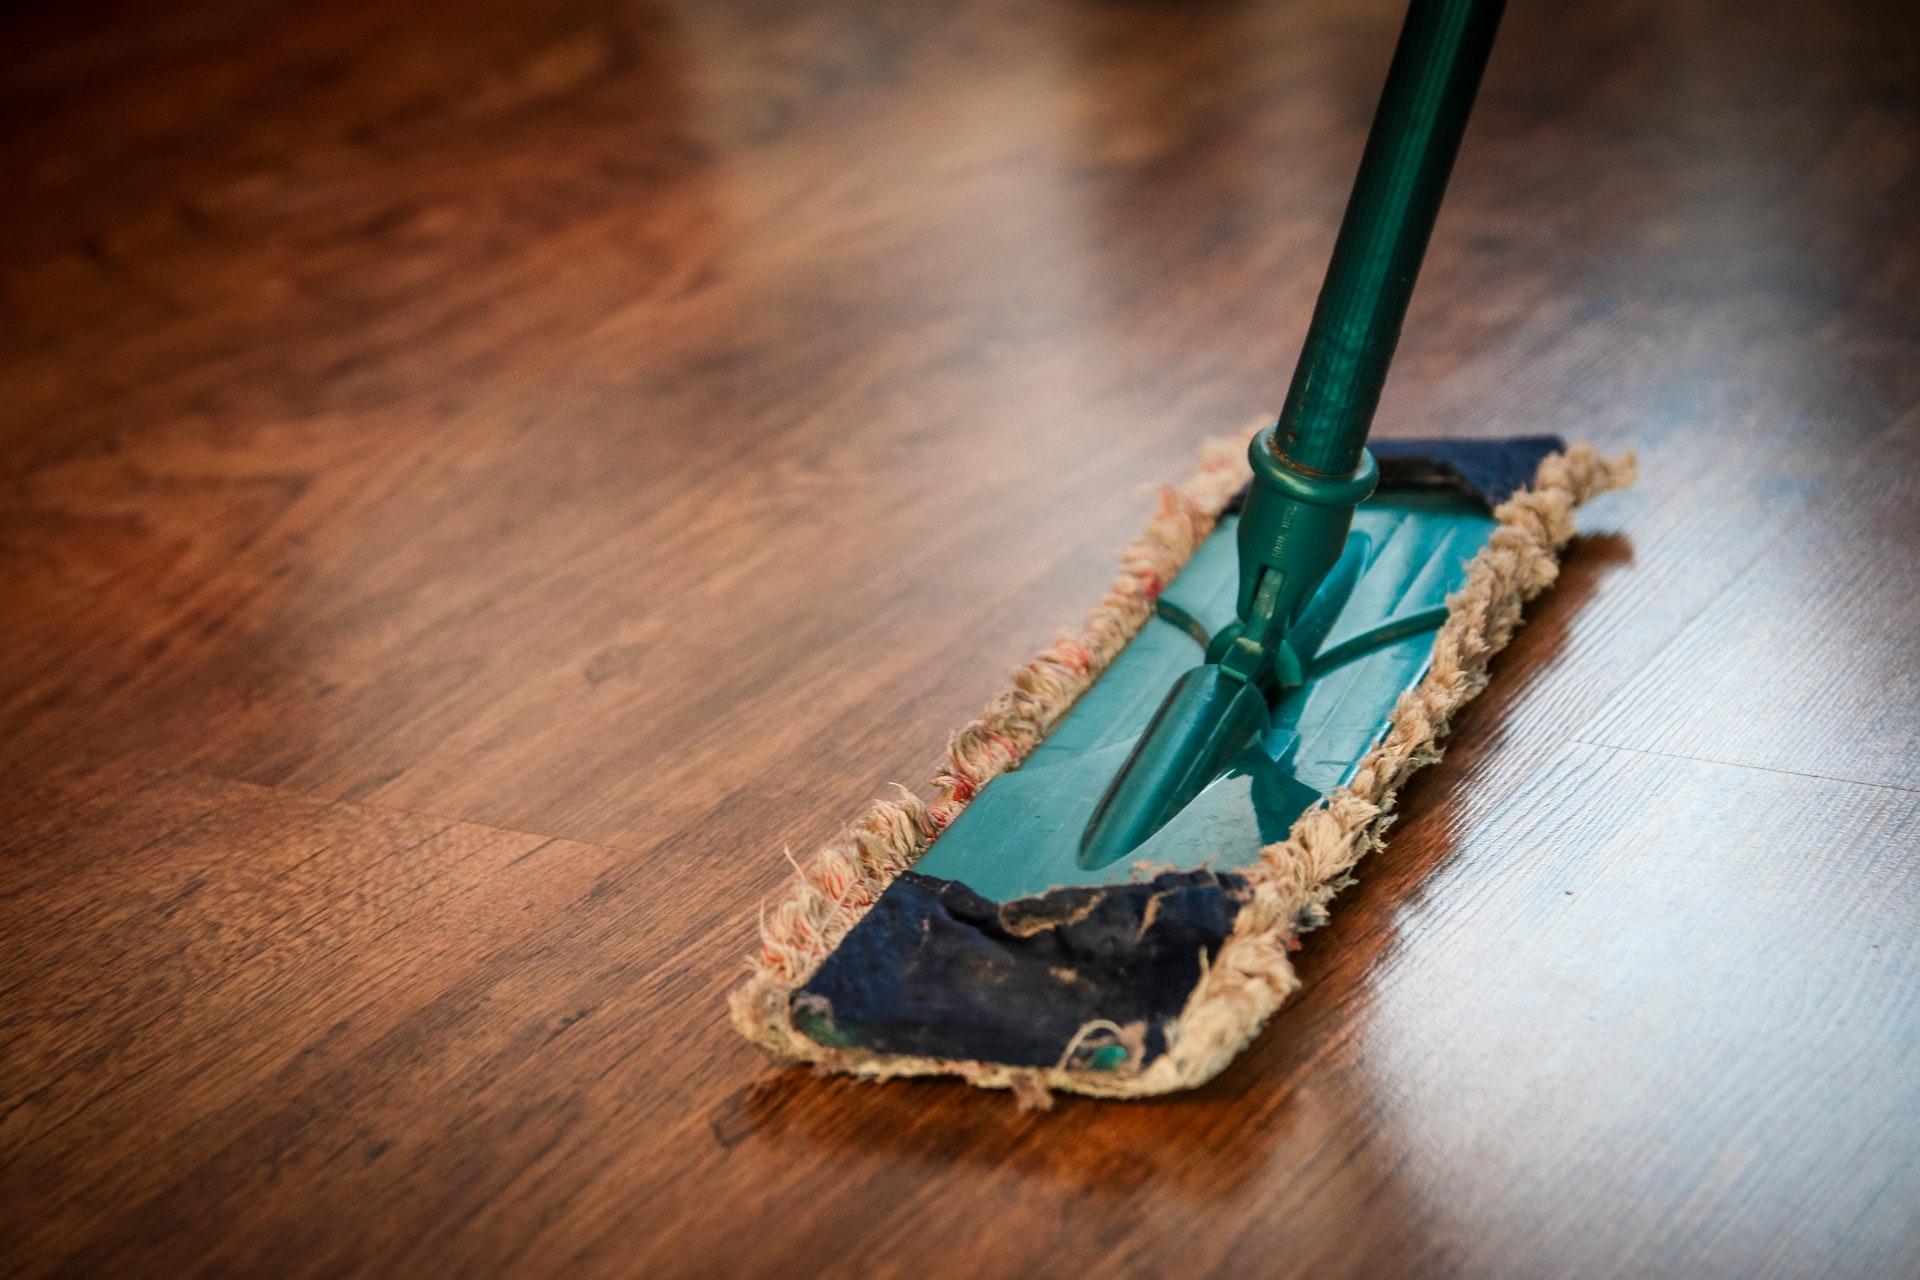 Vemos um esfregão limpando o chão (imagem ilustrativa).